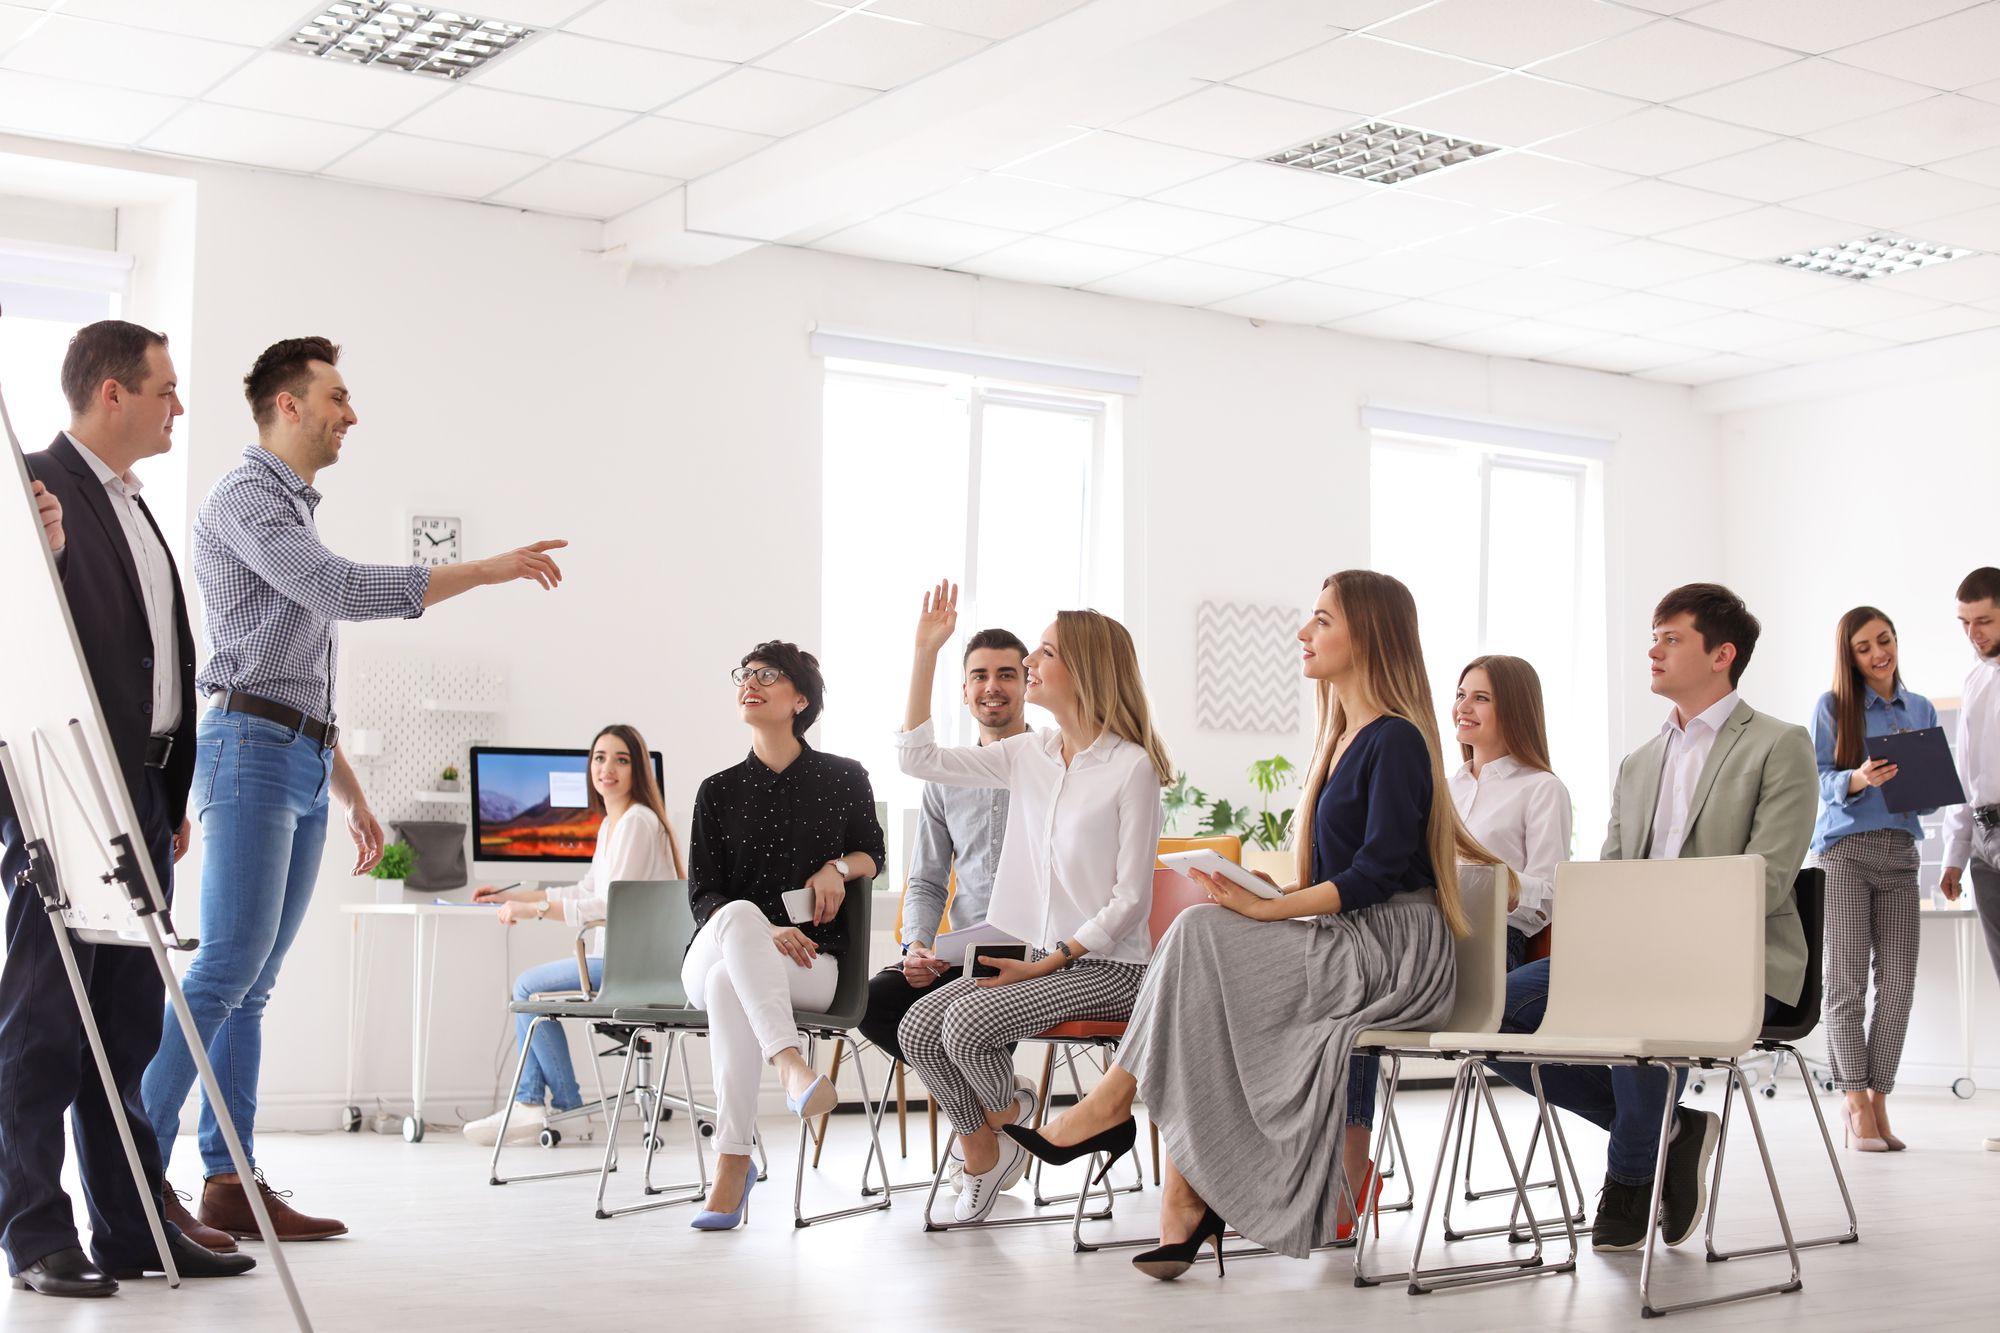 Treinamento personalizado: conheça os benefícios e quando utilizar